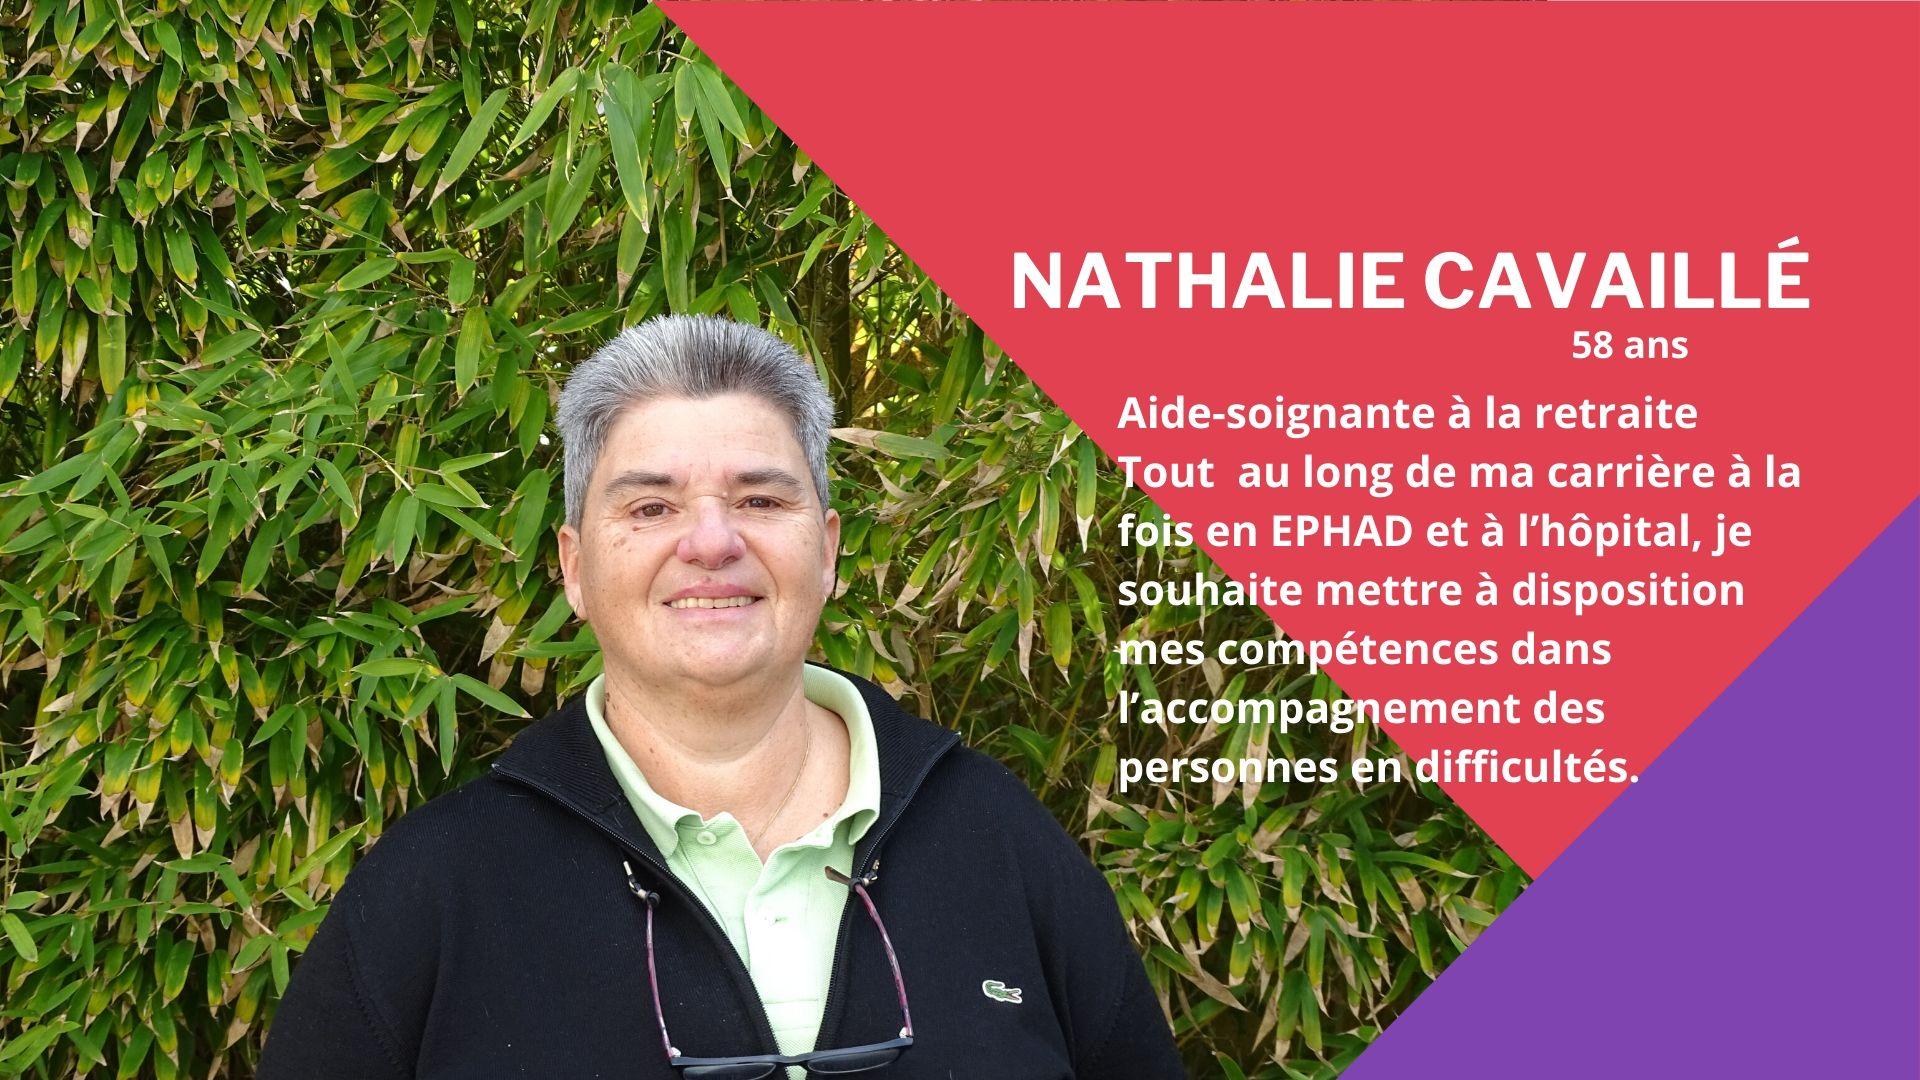 Le Revivre - Nathalie Cavaillé